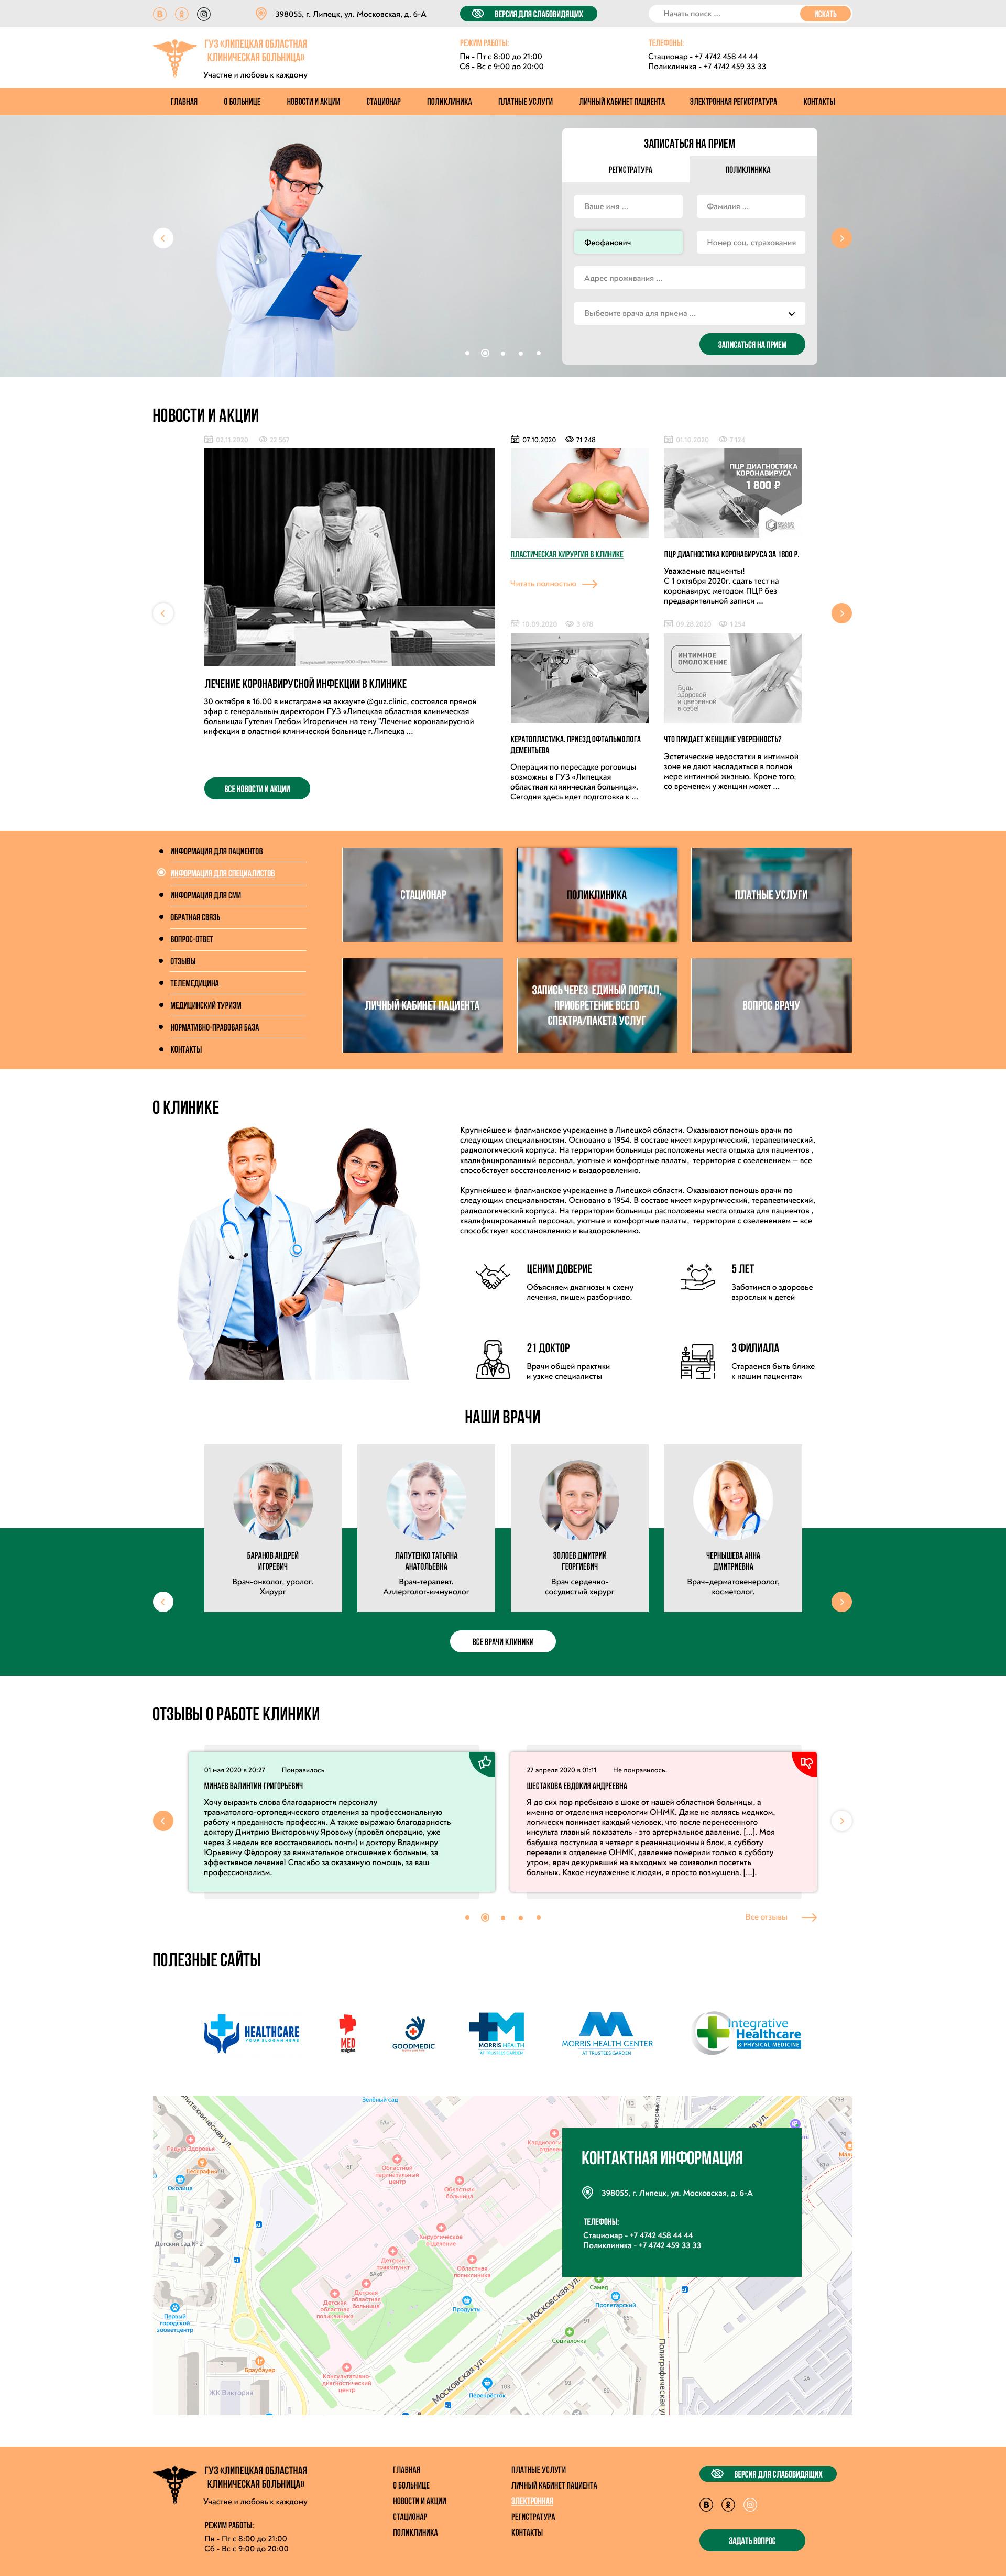 Дизайн для сайта больницы. Главная страница + 2 внутренних. фото f_5425fb4c4c64de1a.jpg